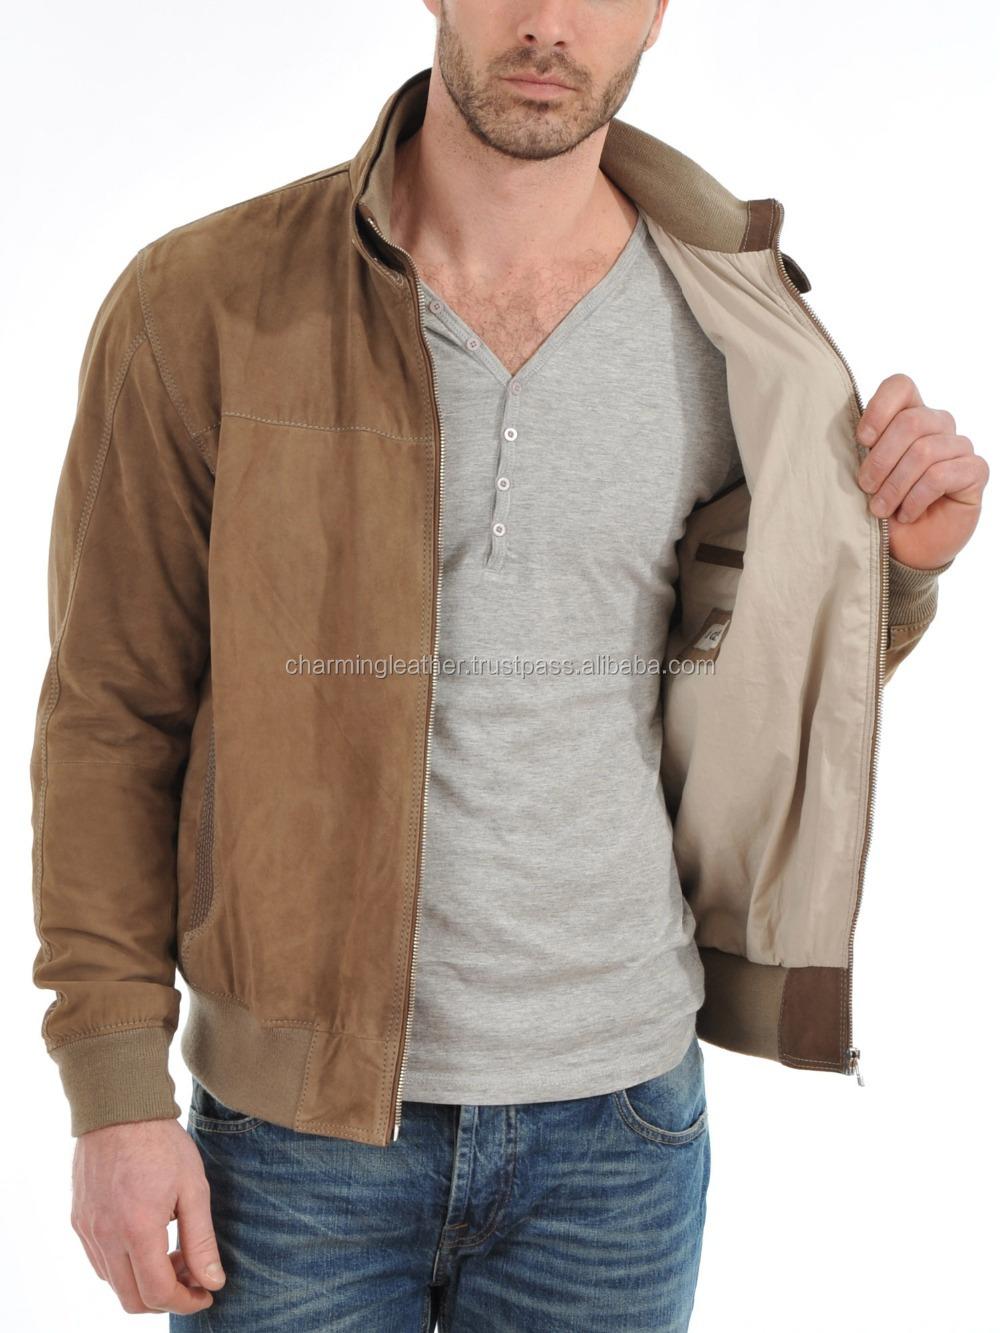 Leather jacket karachi - Stylish Collar Short Leather Jacket Mens 2015 New Style Leather Jacket High Quality Made